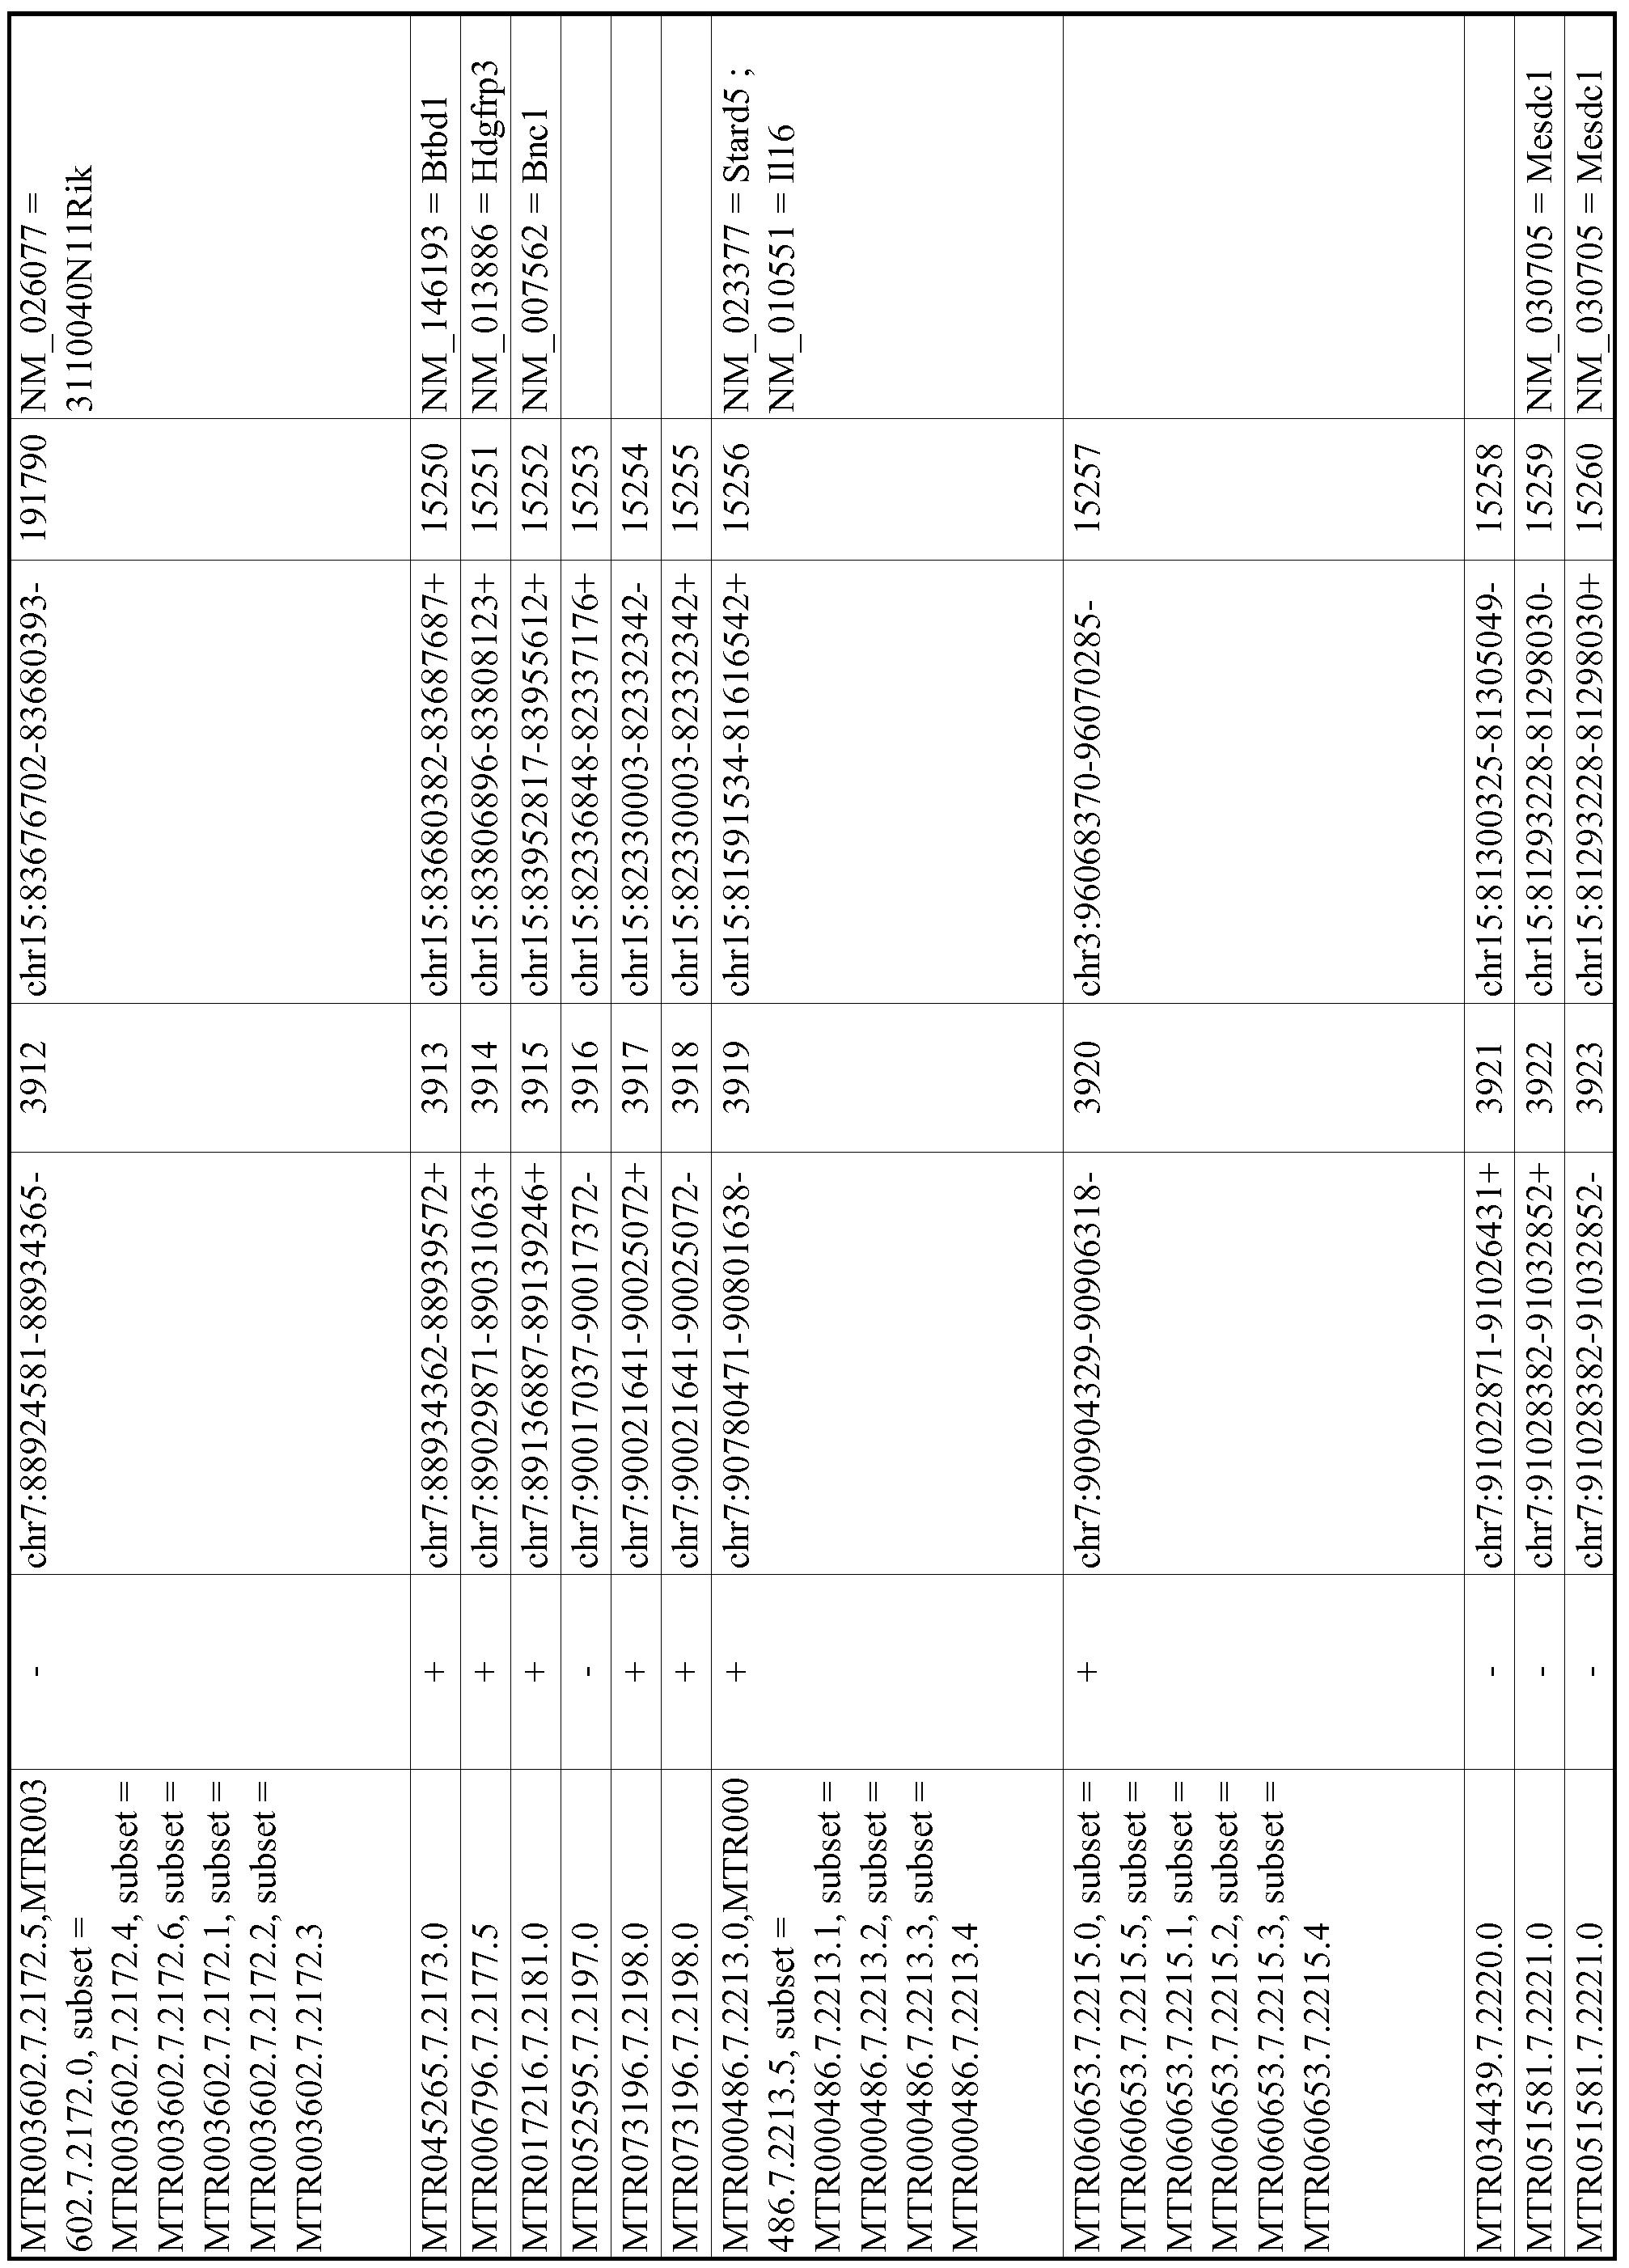 Figure imgf000749_0001